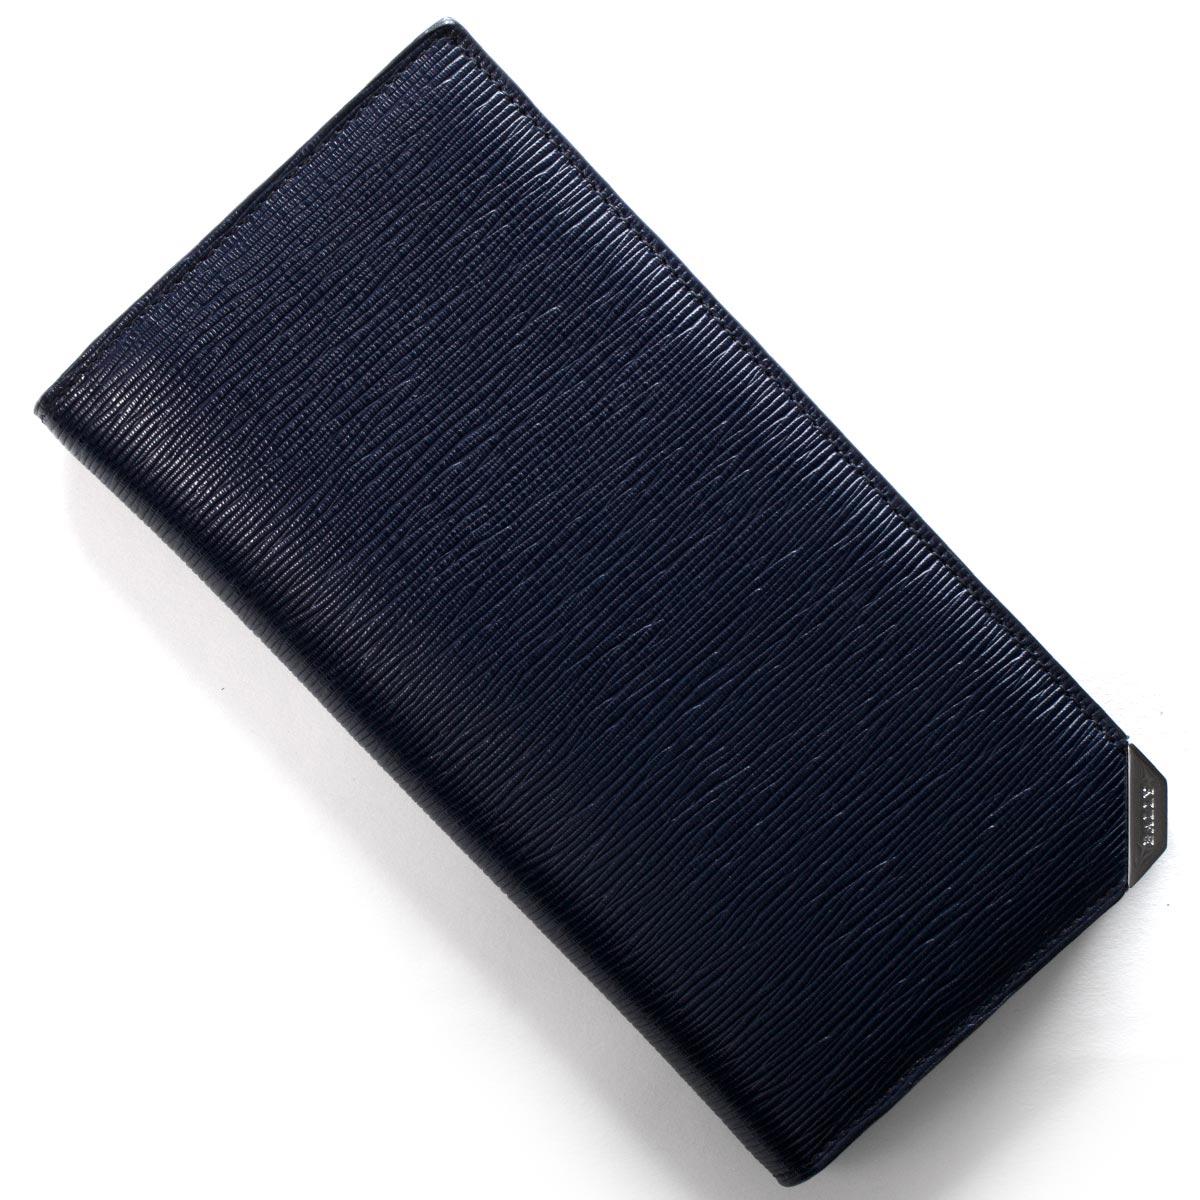 バリー 長財布 財布 メンズ バリロ BALIRO インクブルー BALIROMC 07 6221847 BALLY